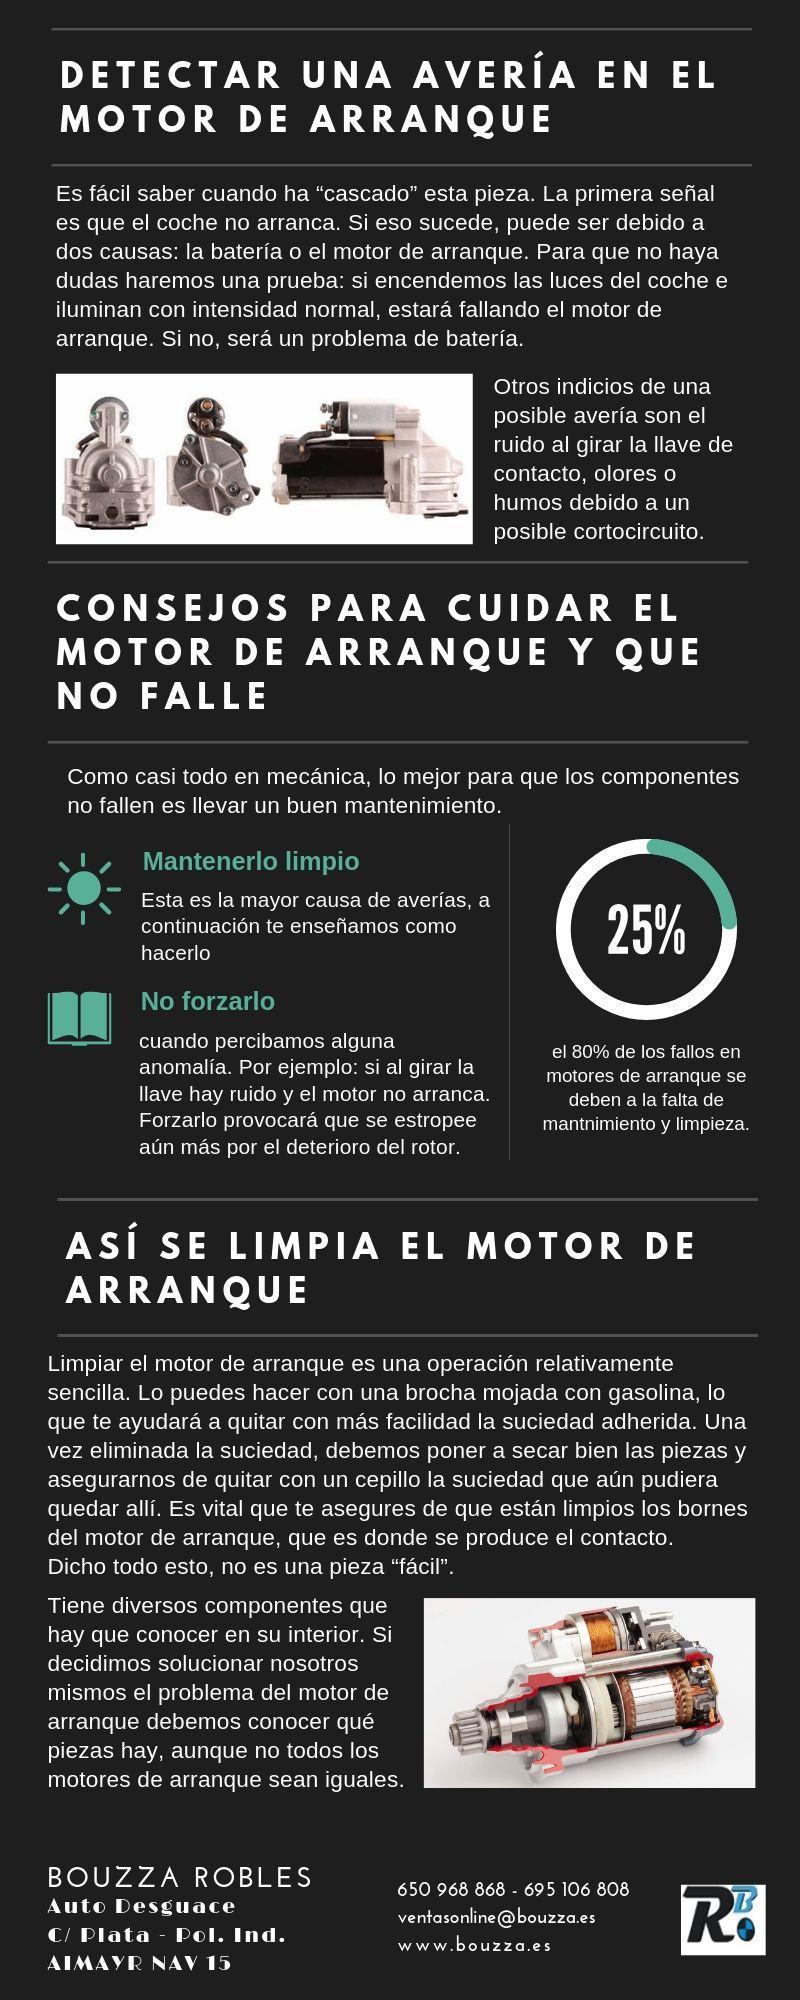 El mantenimiento preventivo es la clave para evitar fallos en tu motor de arranque